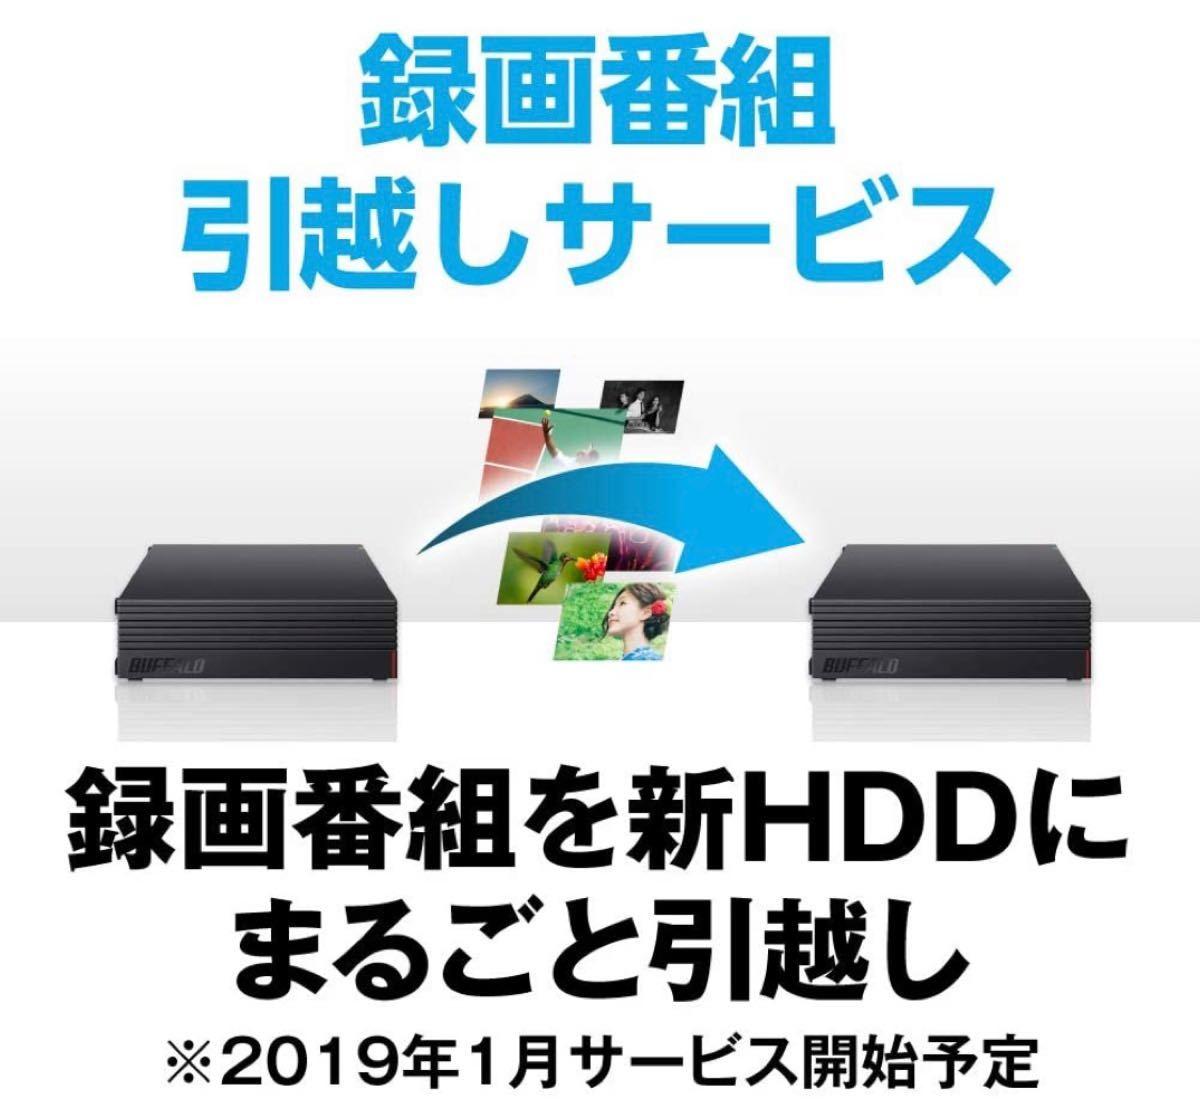 BUFFALO 外付けHDD 外付HDD 外付けハードディスク 4TB テレビ録画 バッファロー ブラック